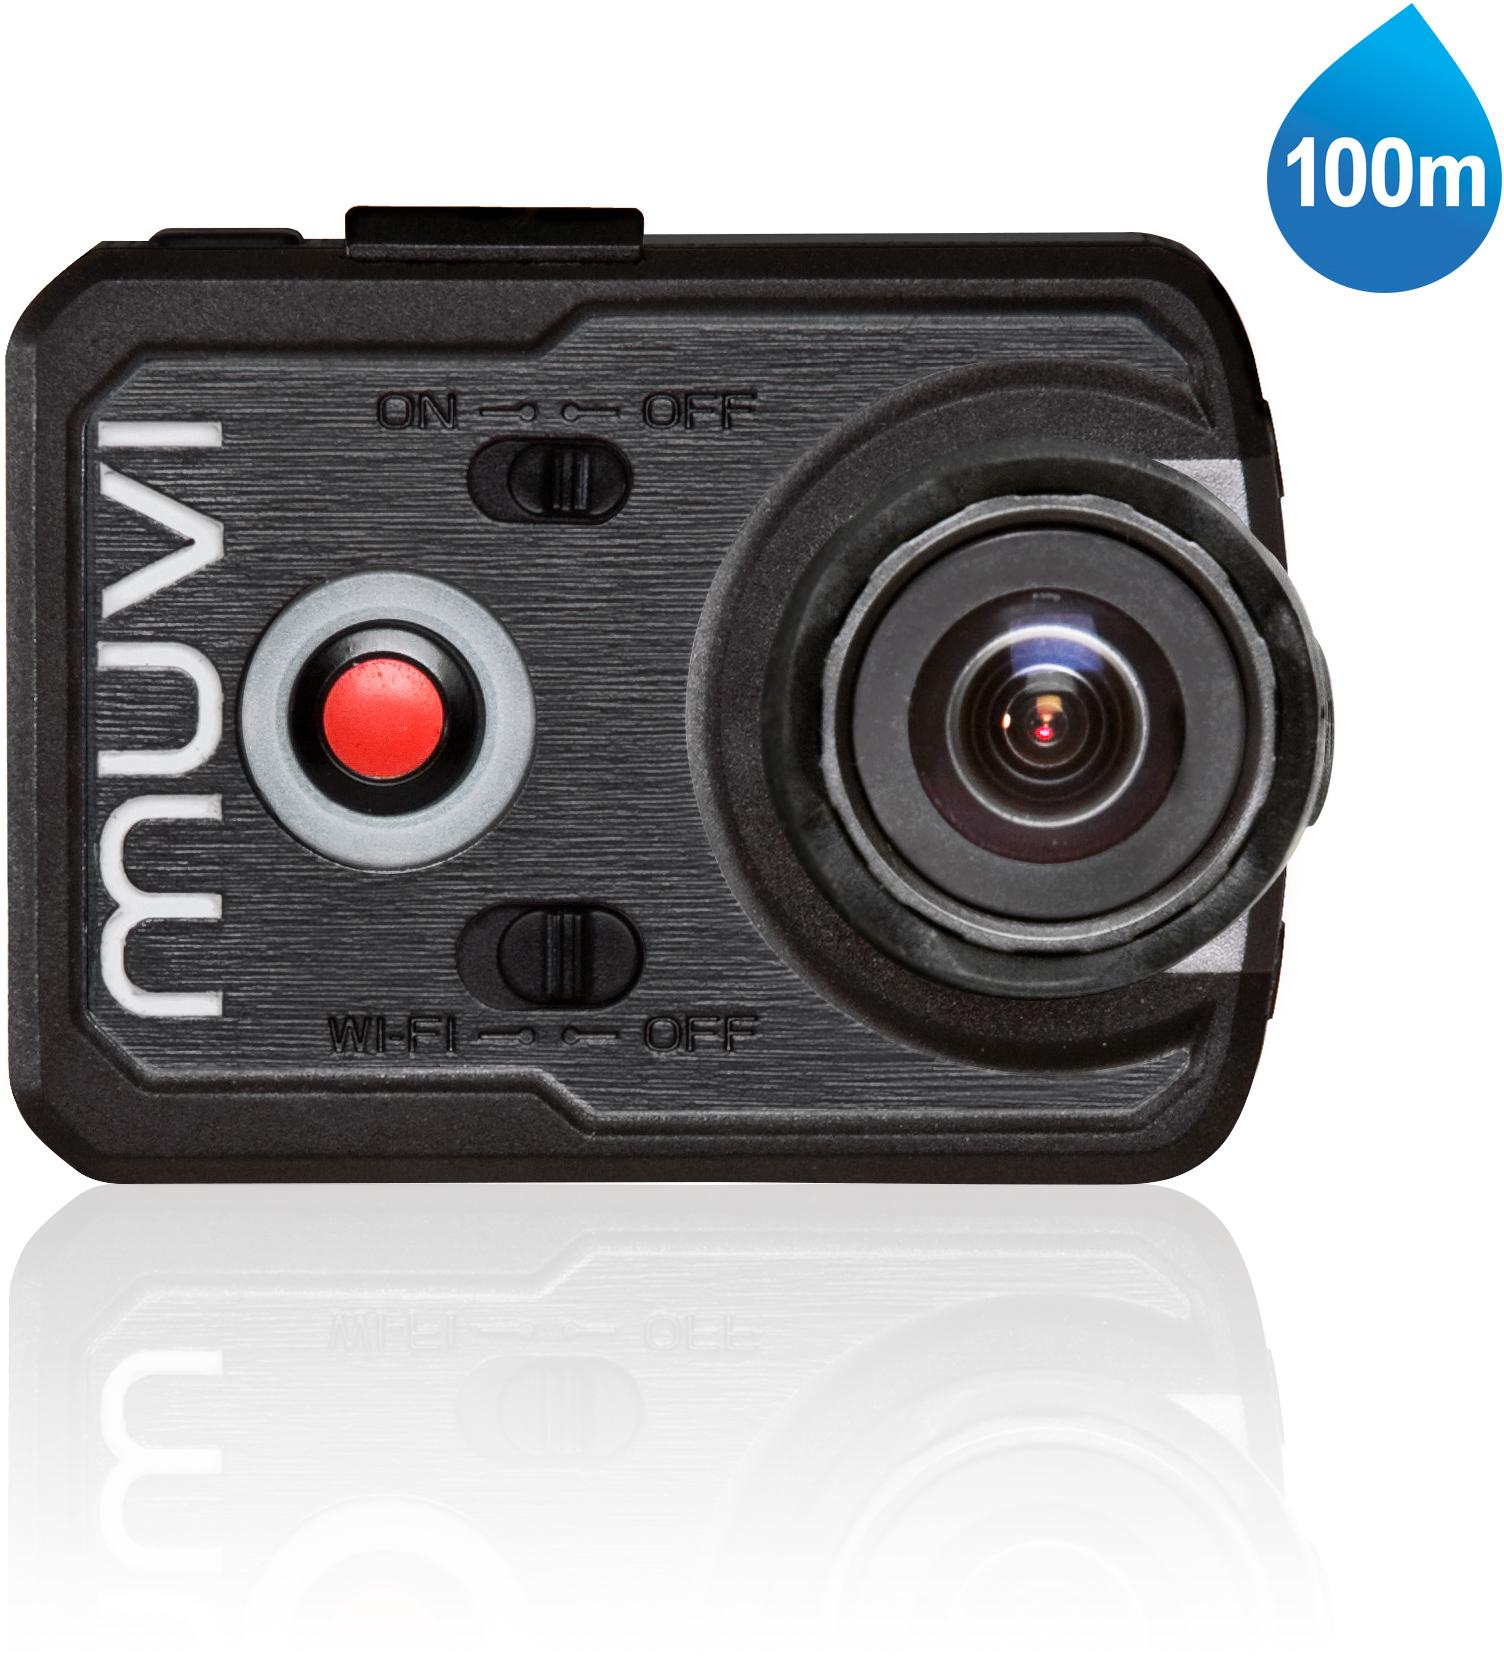 [PRIJSFOUT?] Veho Muvi K2 Sport Action Camera voor €73,90 @ Megekko